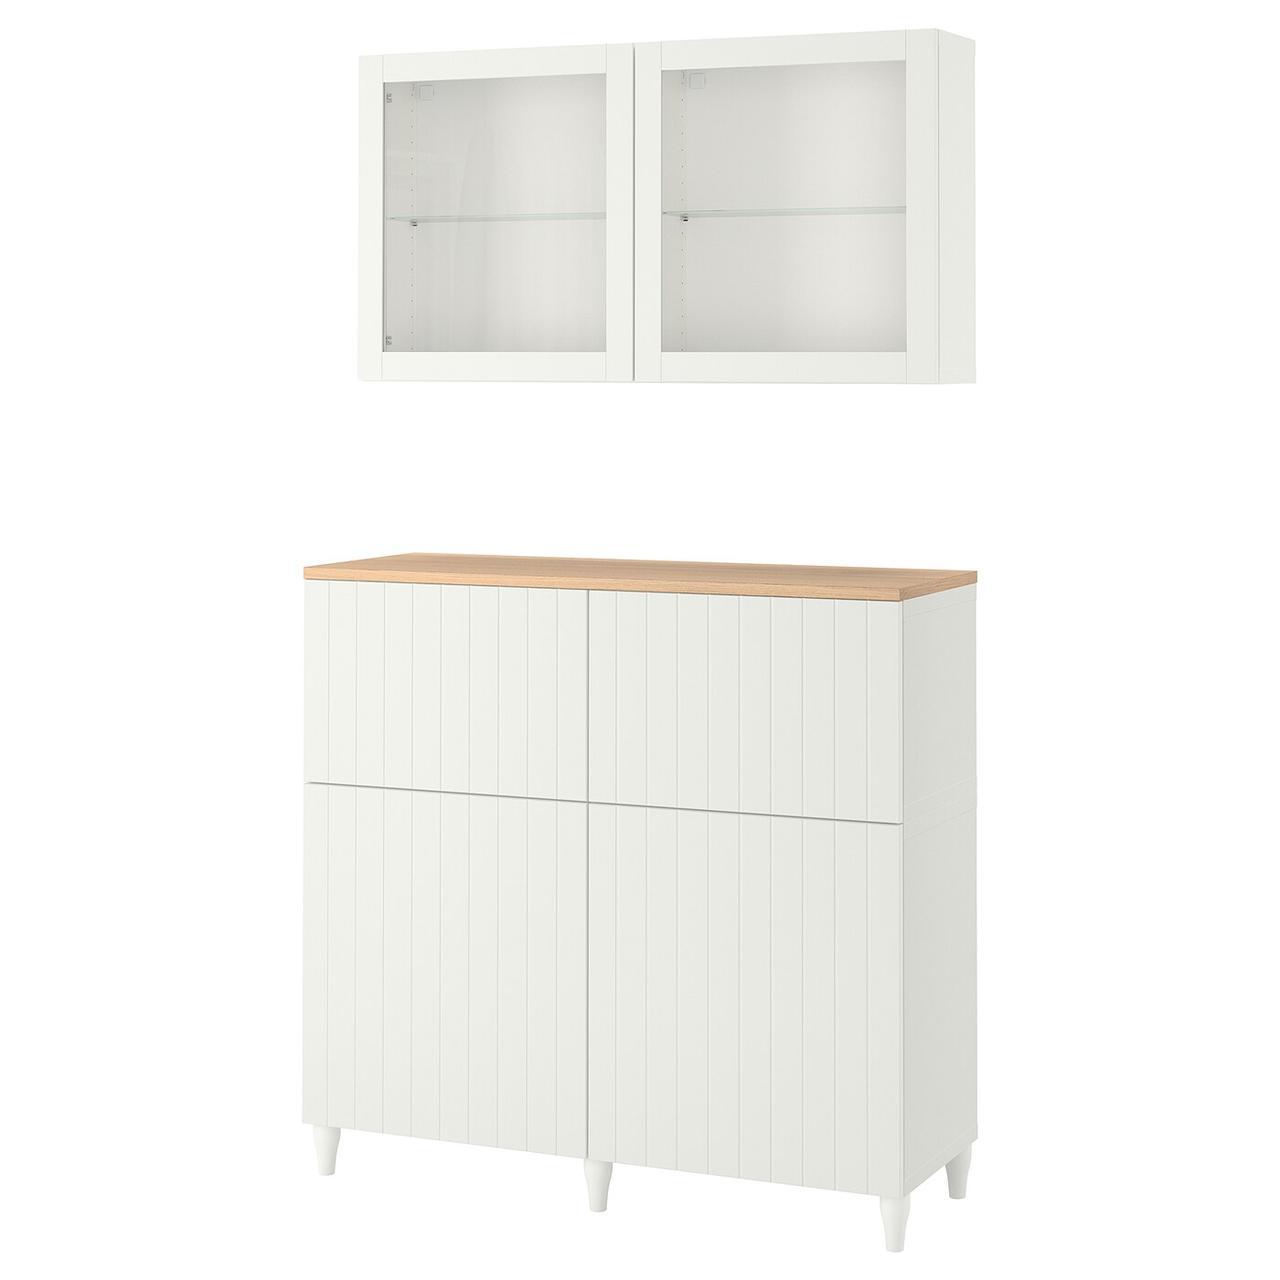 IKEA BESTÅ Комбінація 120x42x240 см